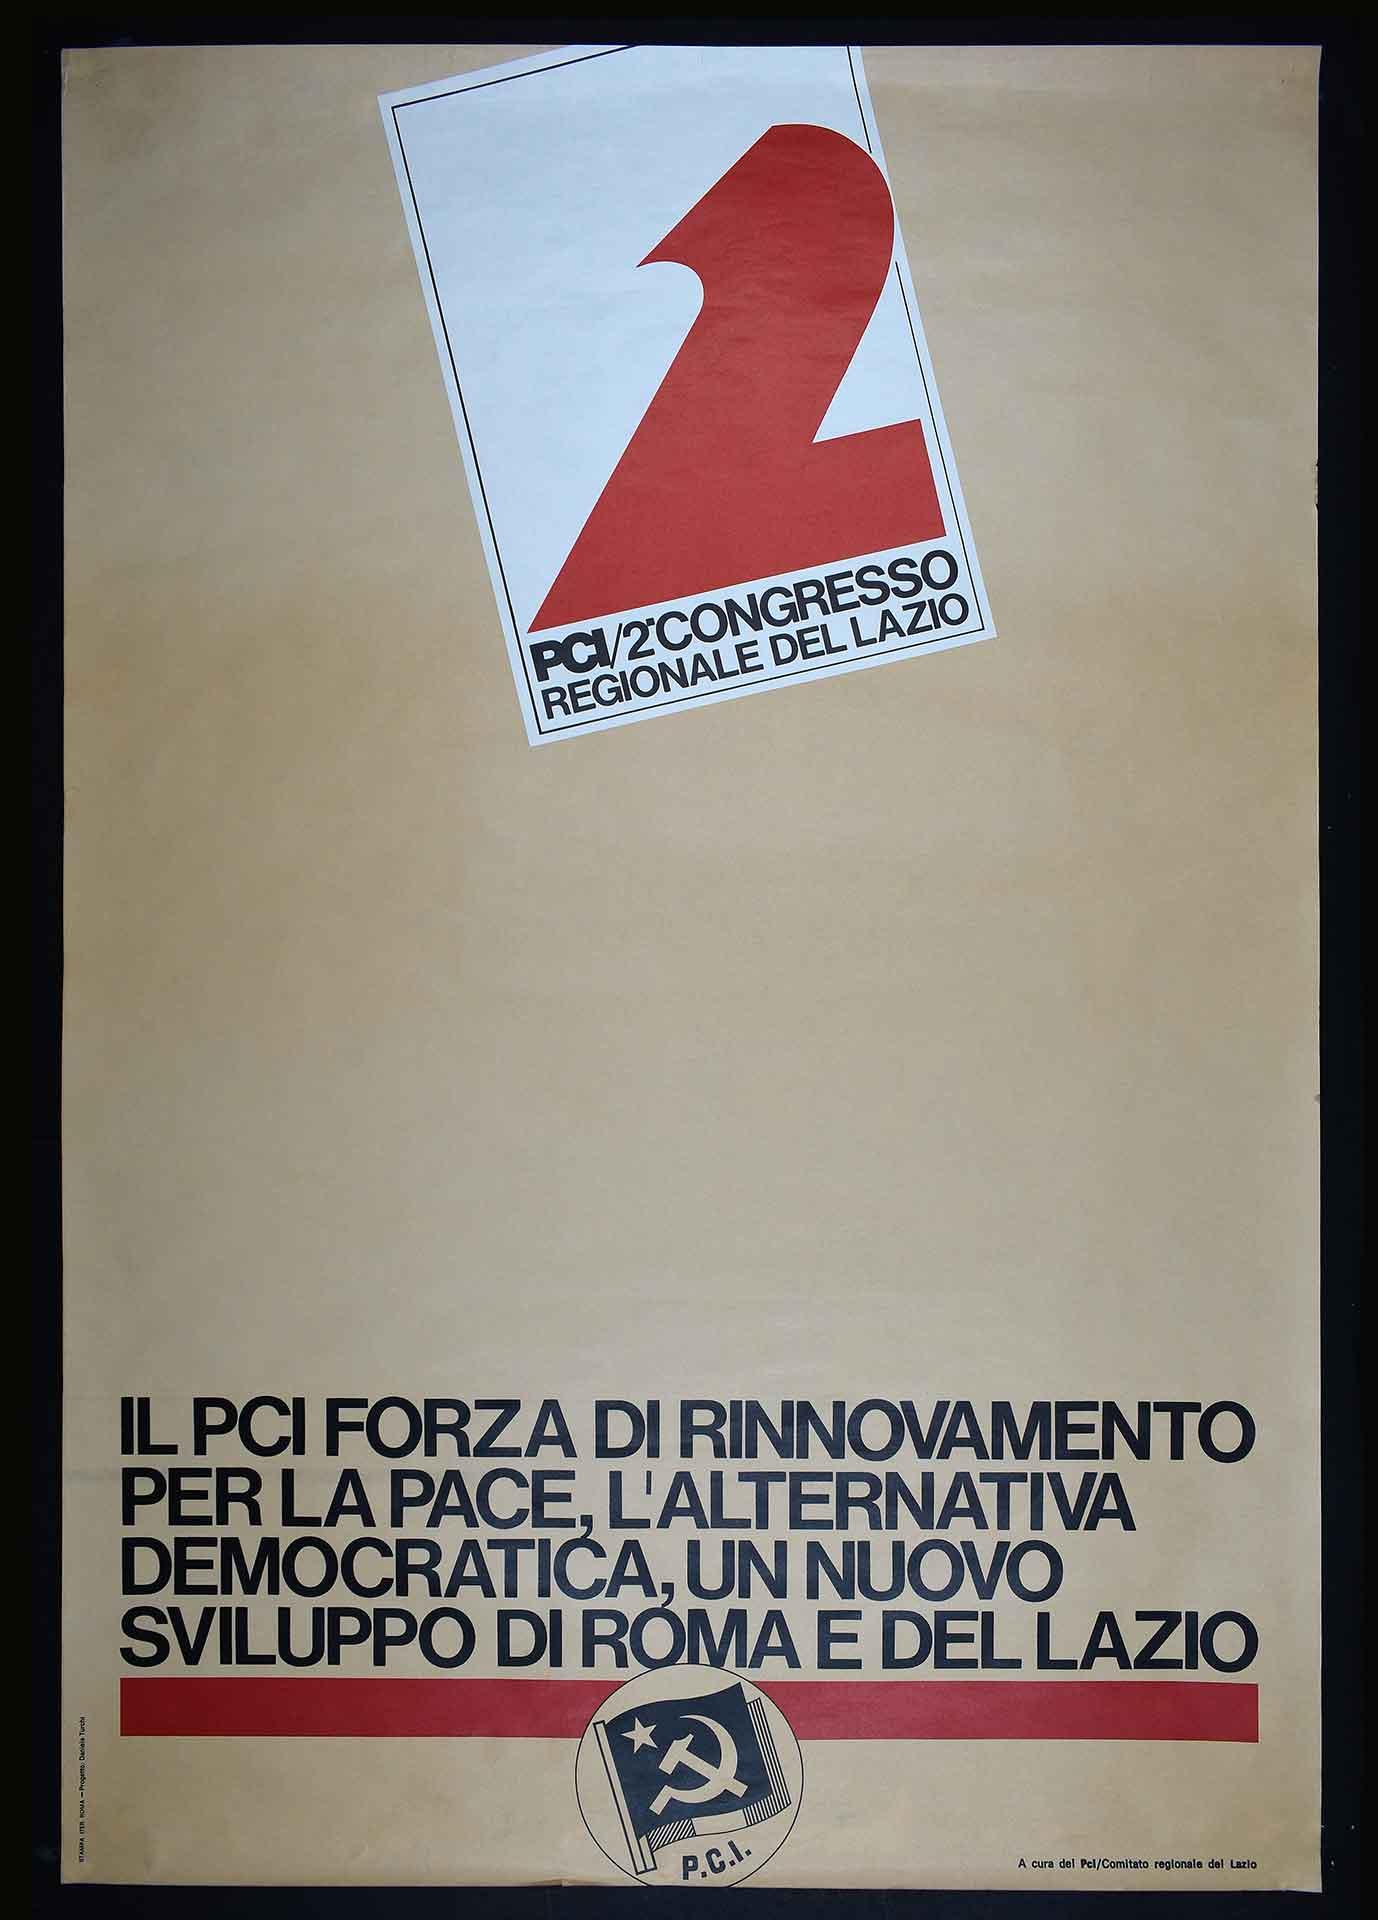 Il Comitato regionale del Partito comunista italiano (PCI) per il secondo congresso del Lazio. Stampa Iter, Roma. Progetto di D. Turchi. Comunicazione di partito.